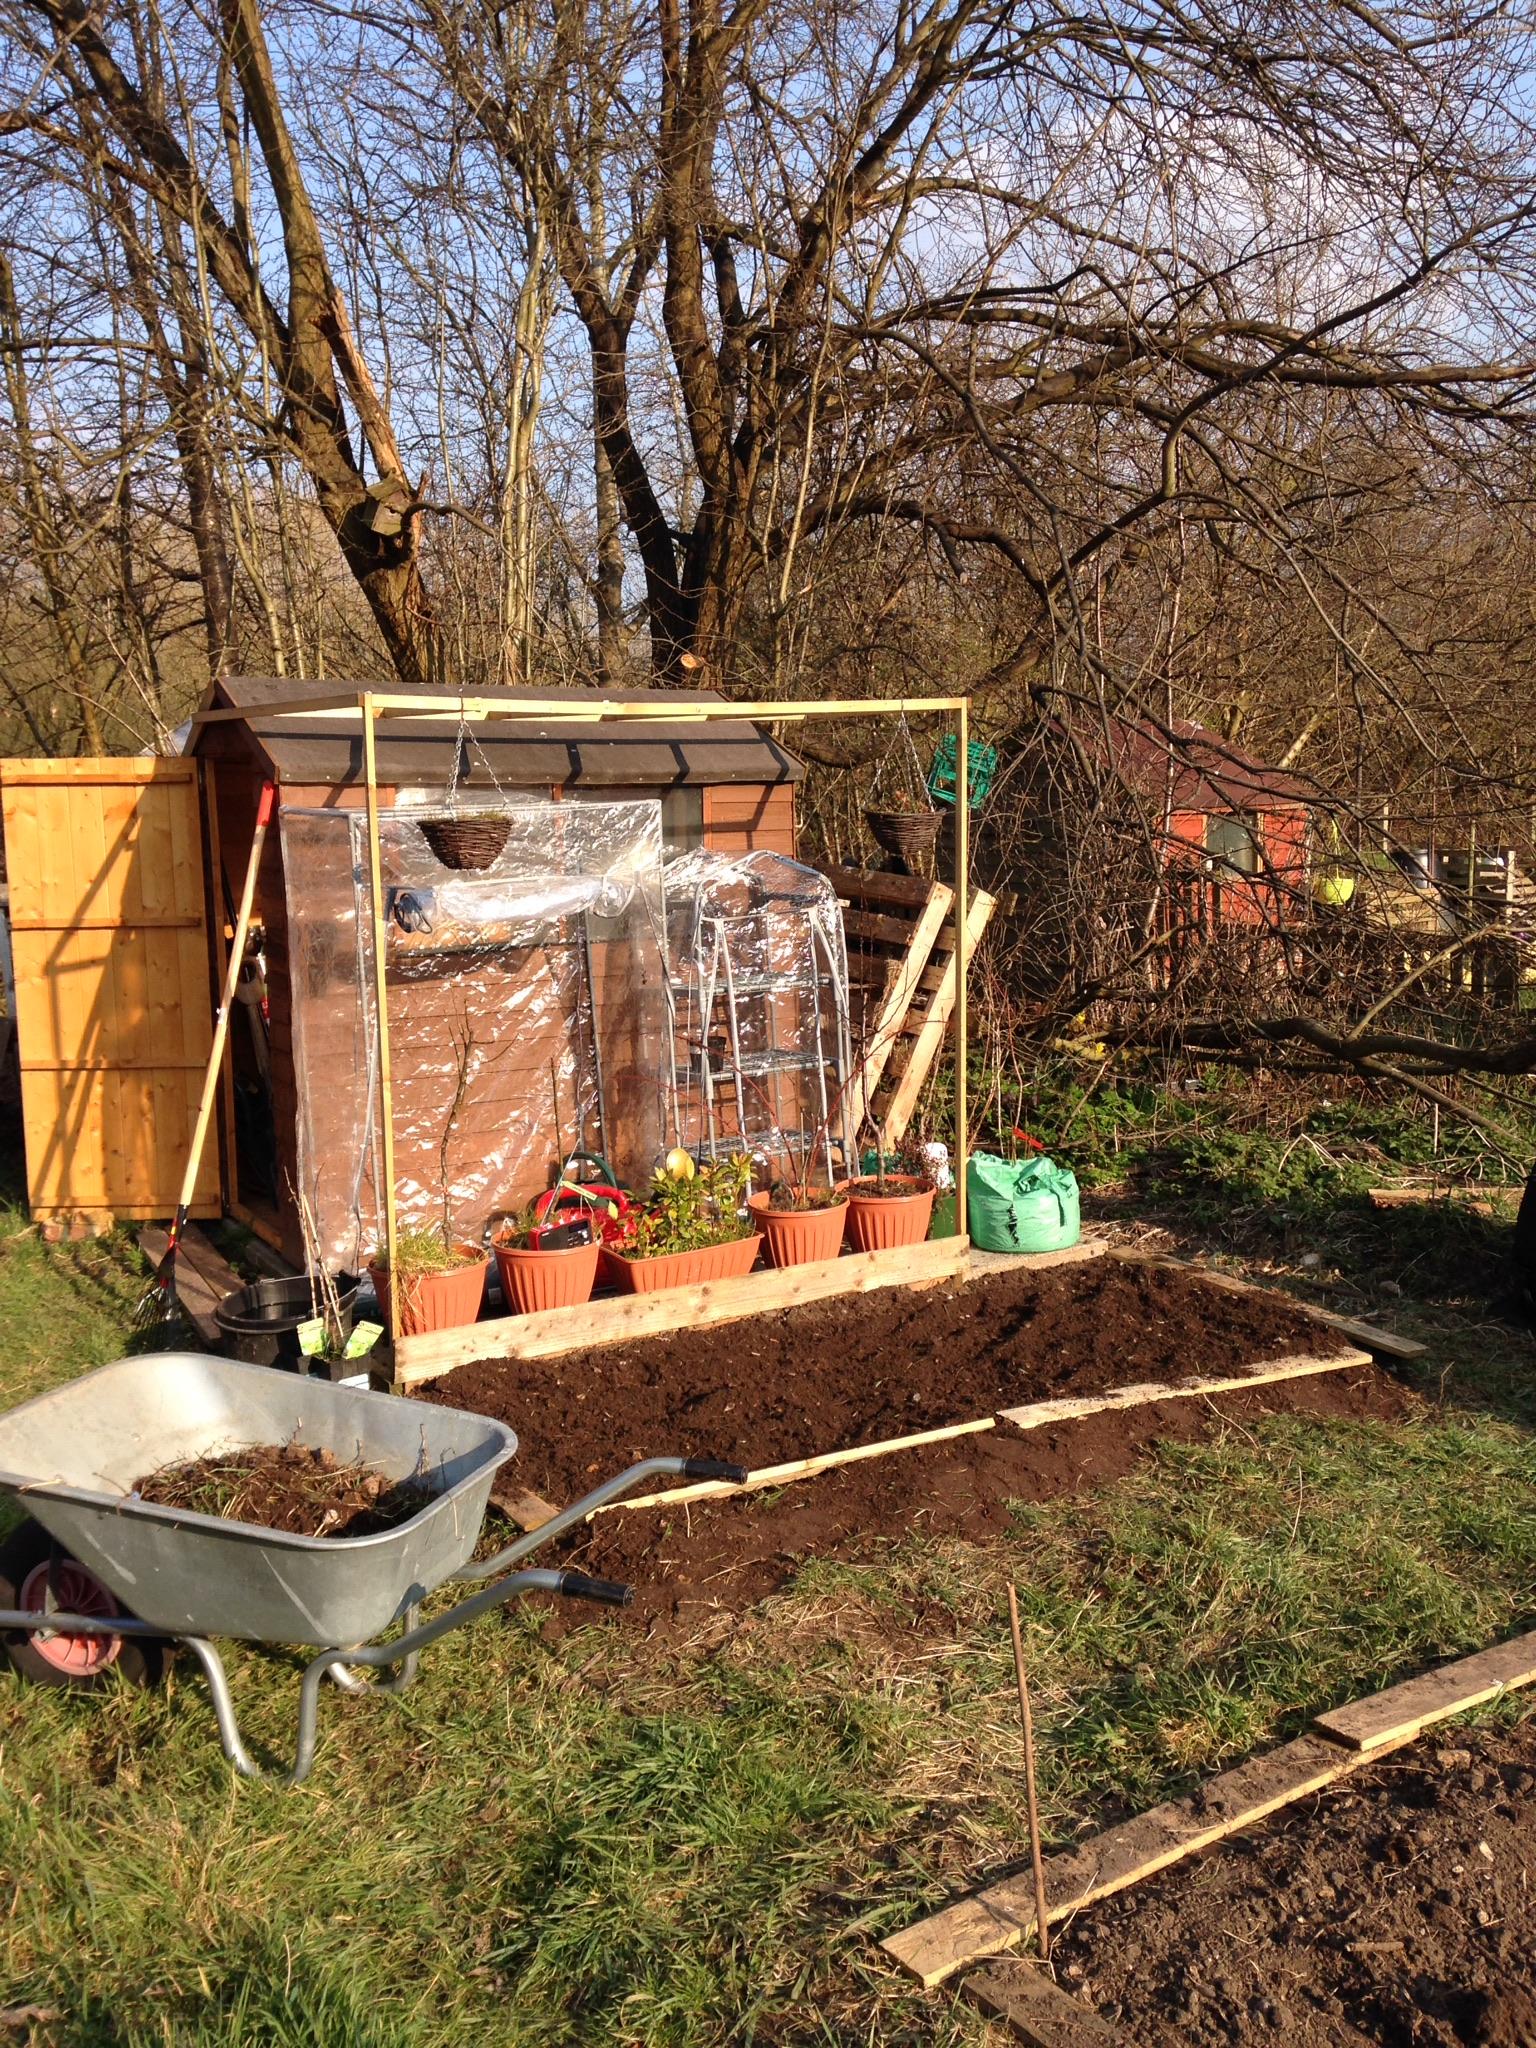 Garden Jobs in March | PurpleBug